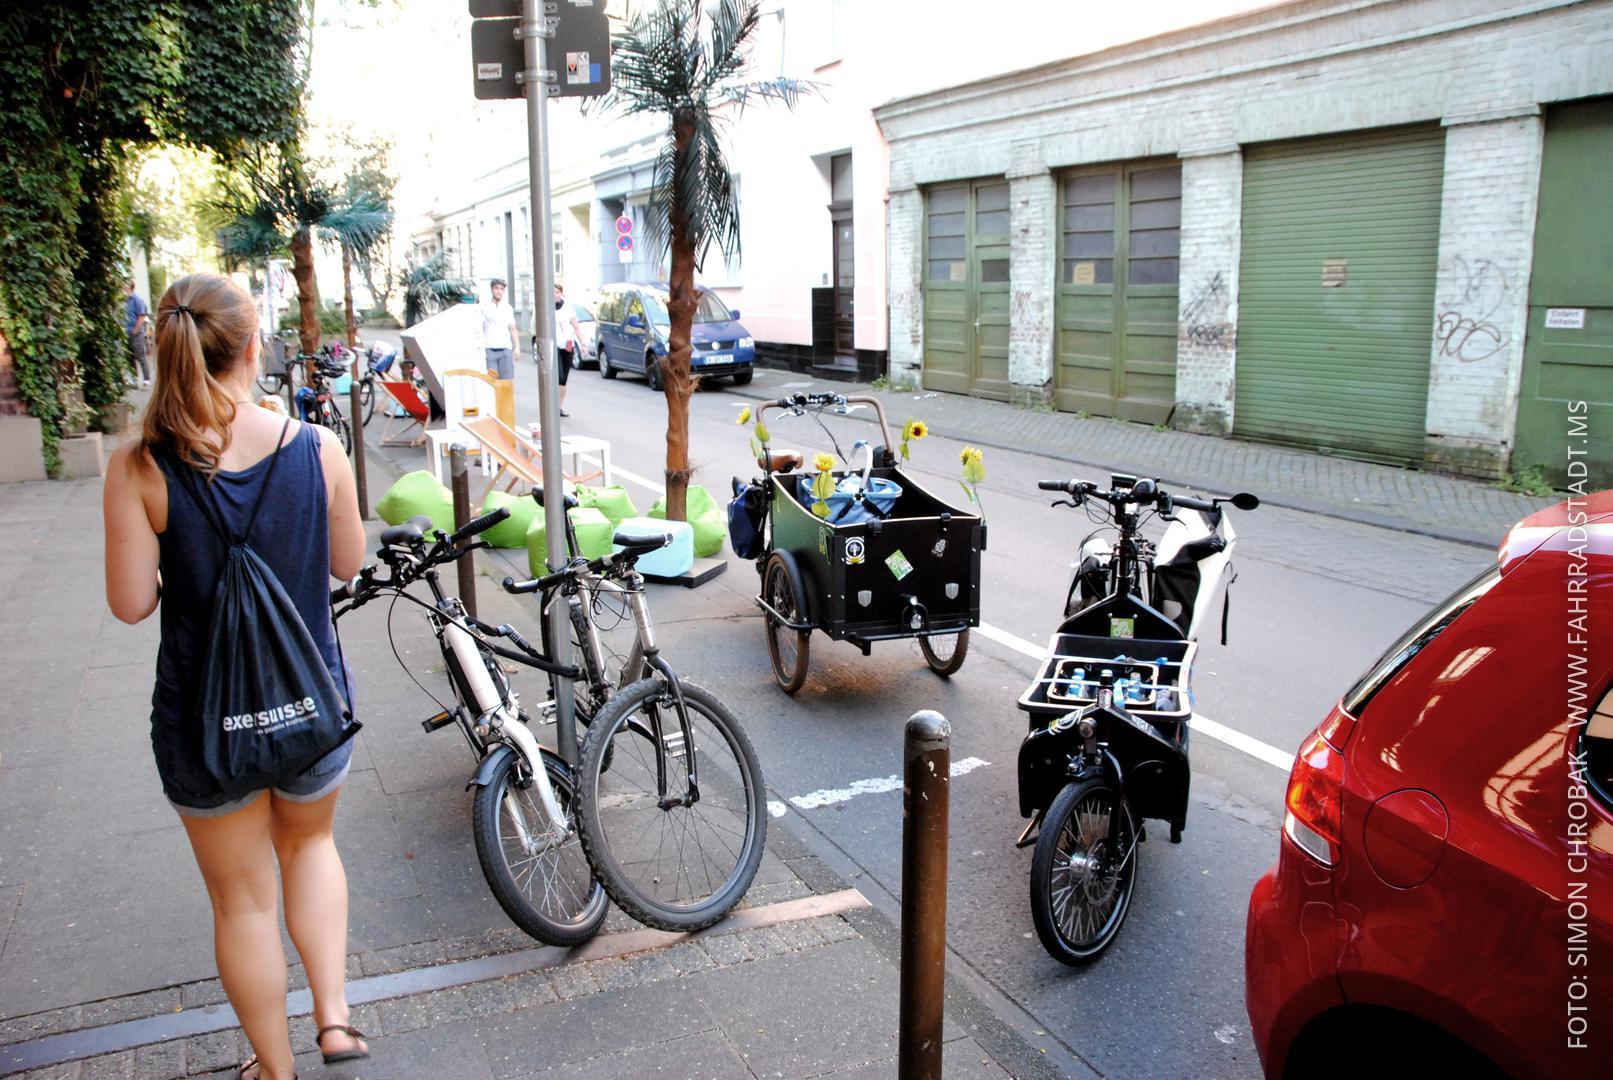 Fahrräder parken auf Autoparkplätzen